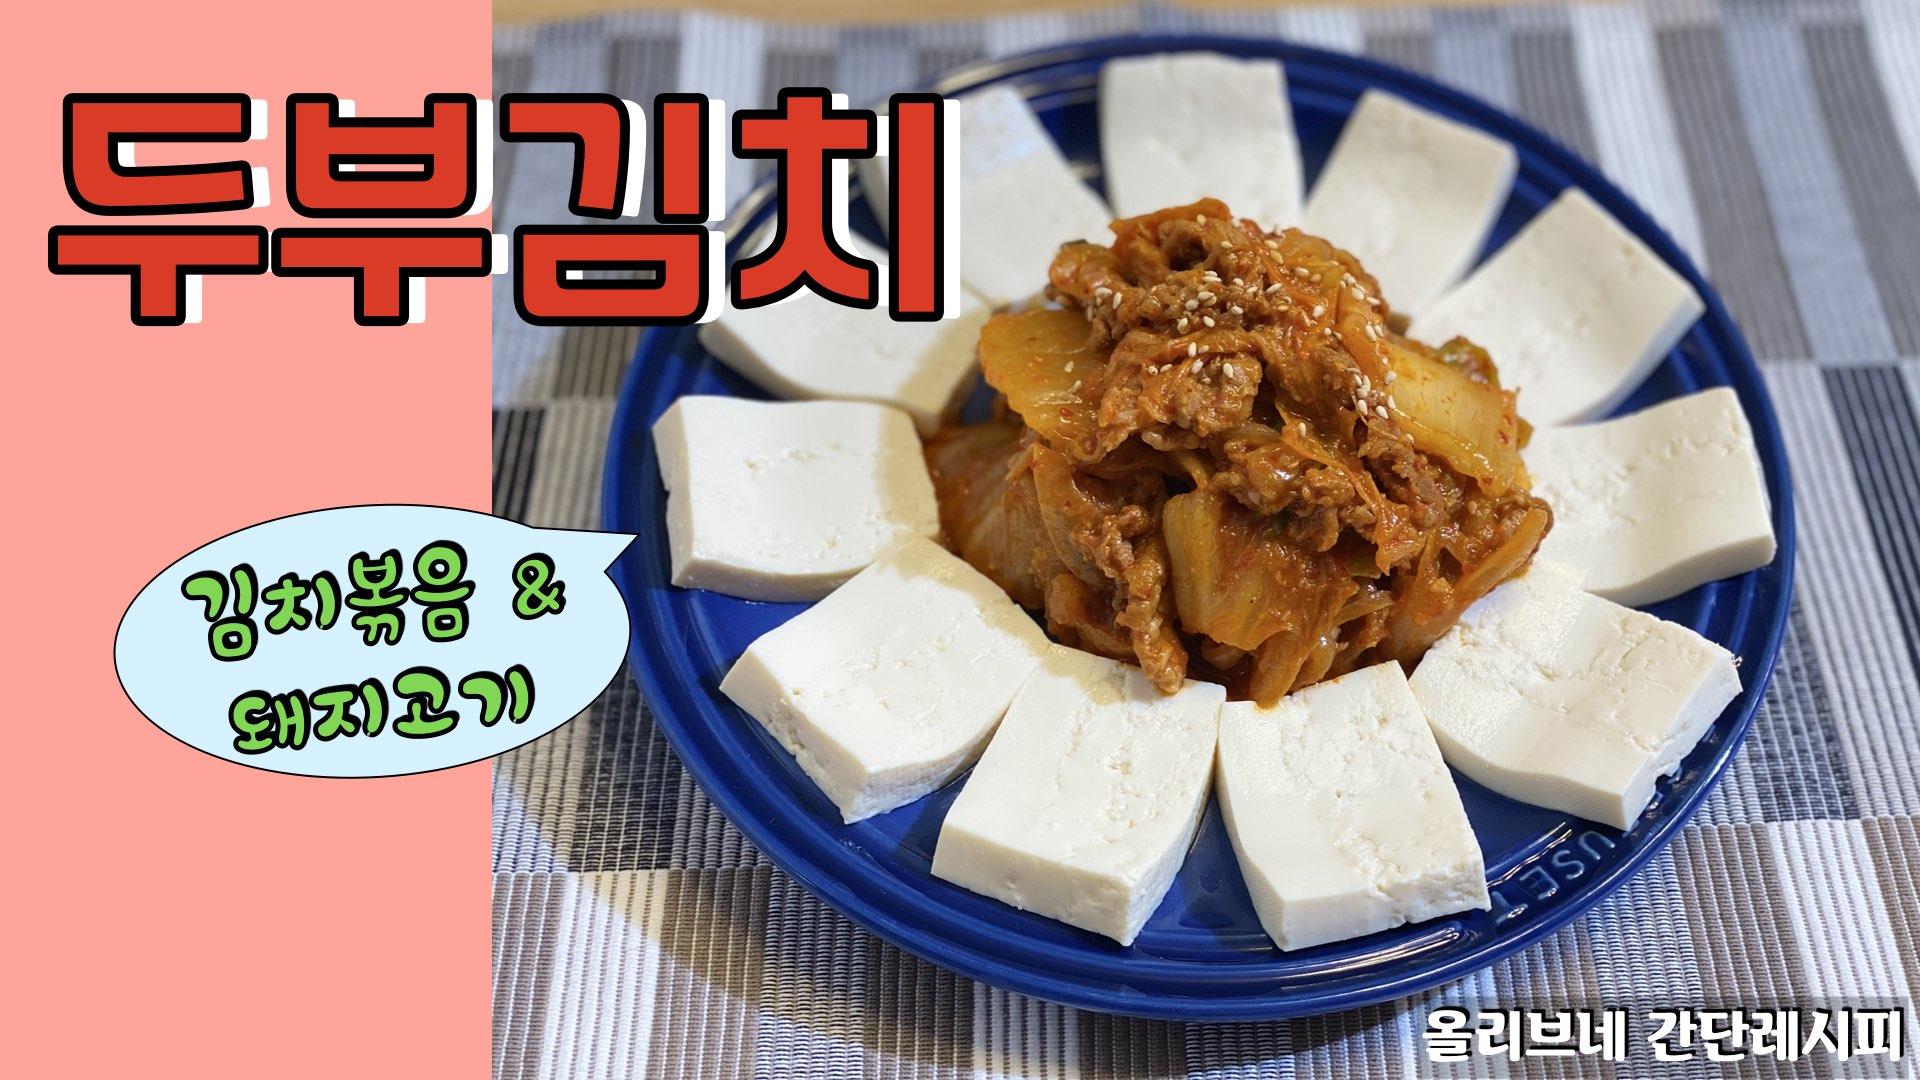 올리브네 간단레시피 | 두부김치 만들기 | 김치볶음과 돼지고기로 만들어 밥반찬과 술안주로 맛있게 즐길수 있어요